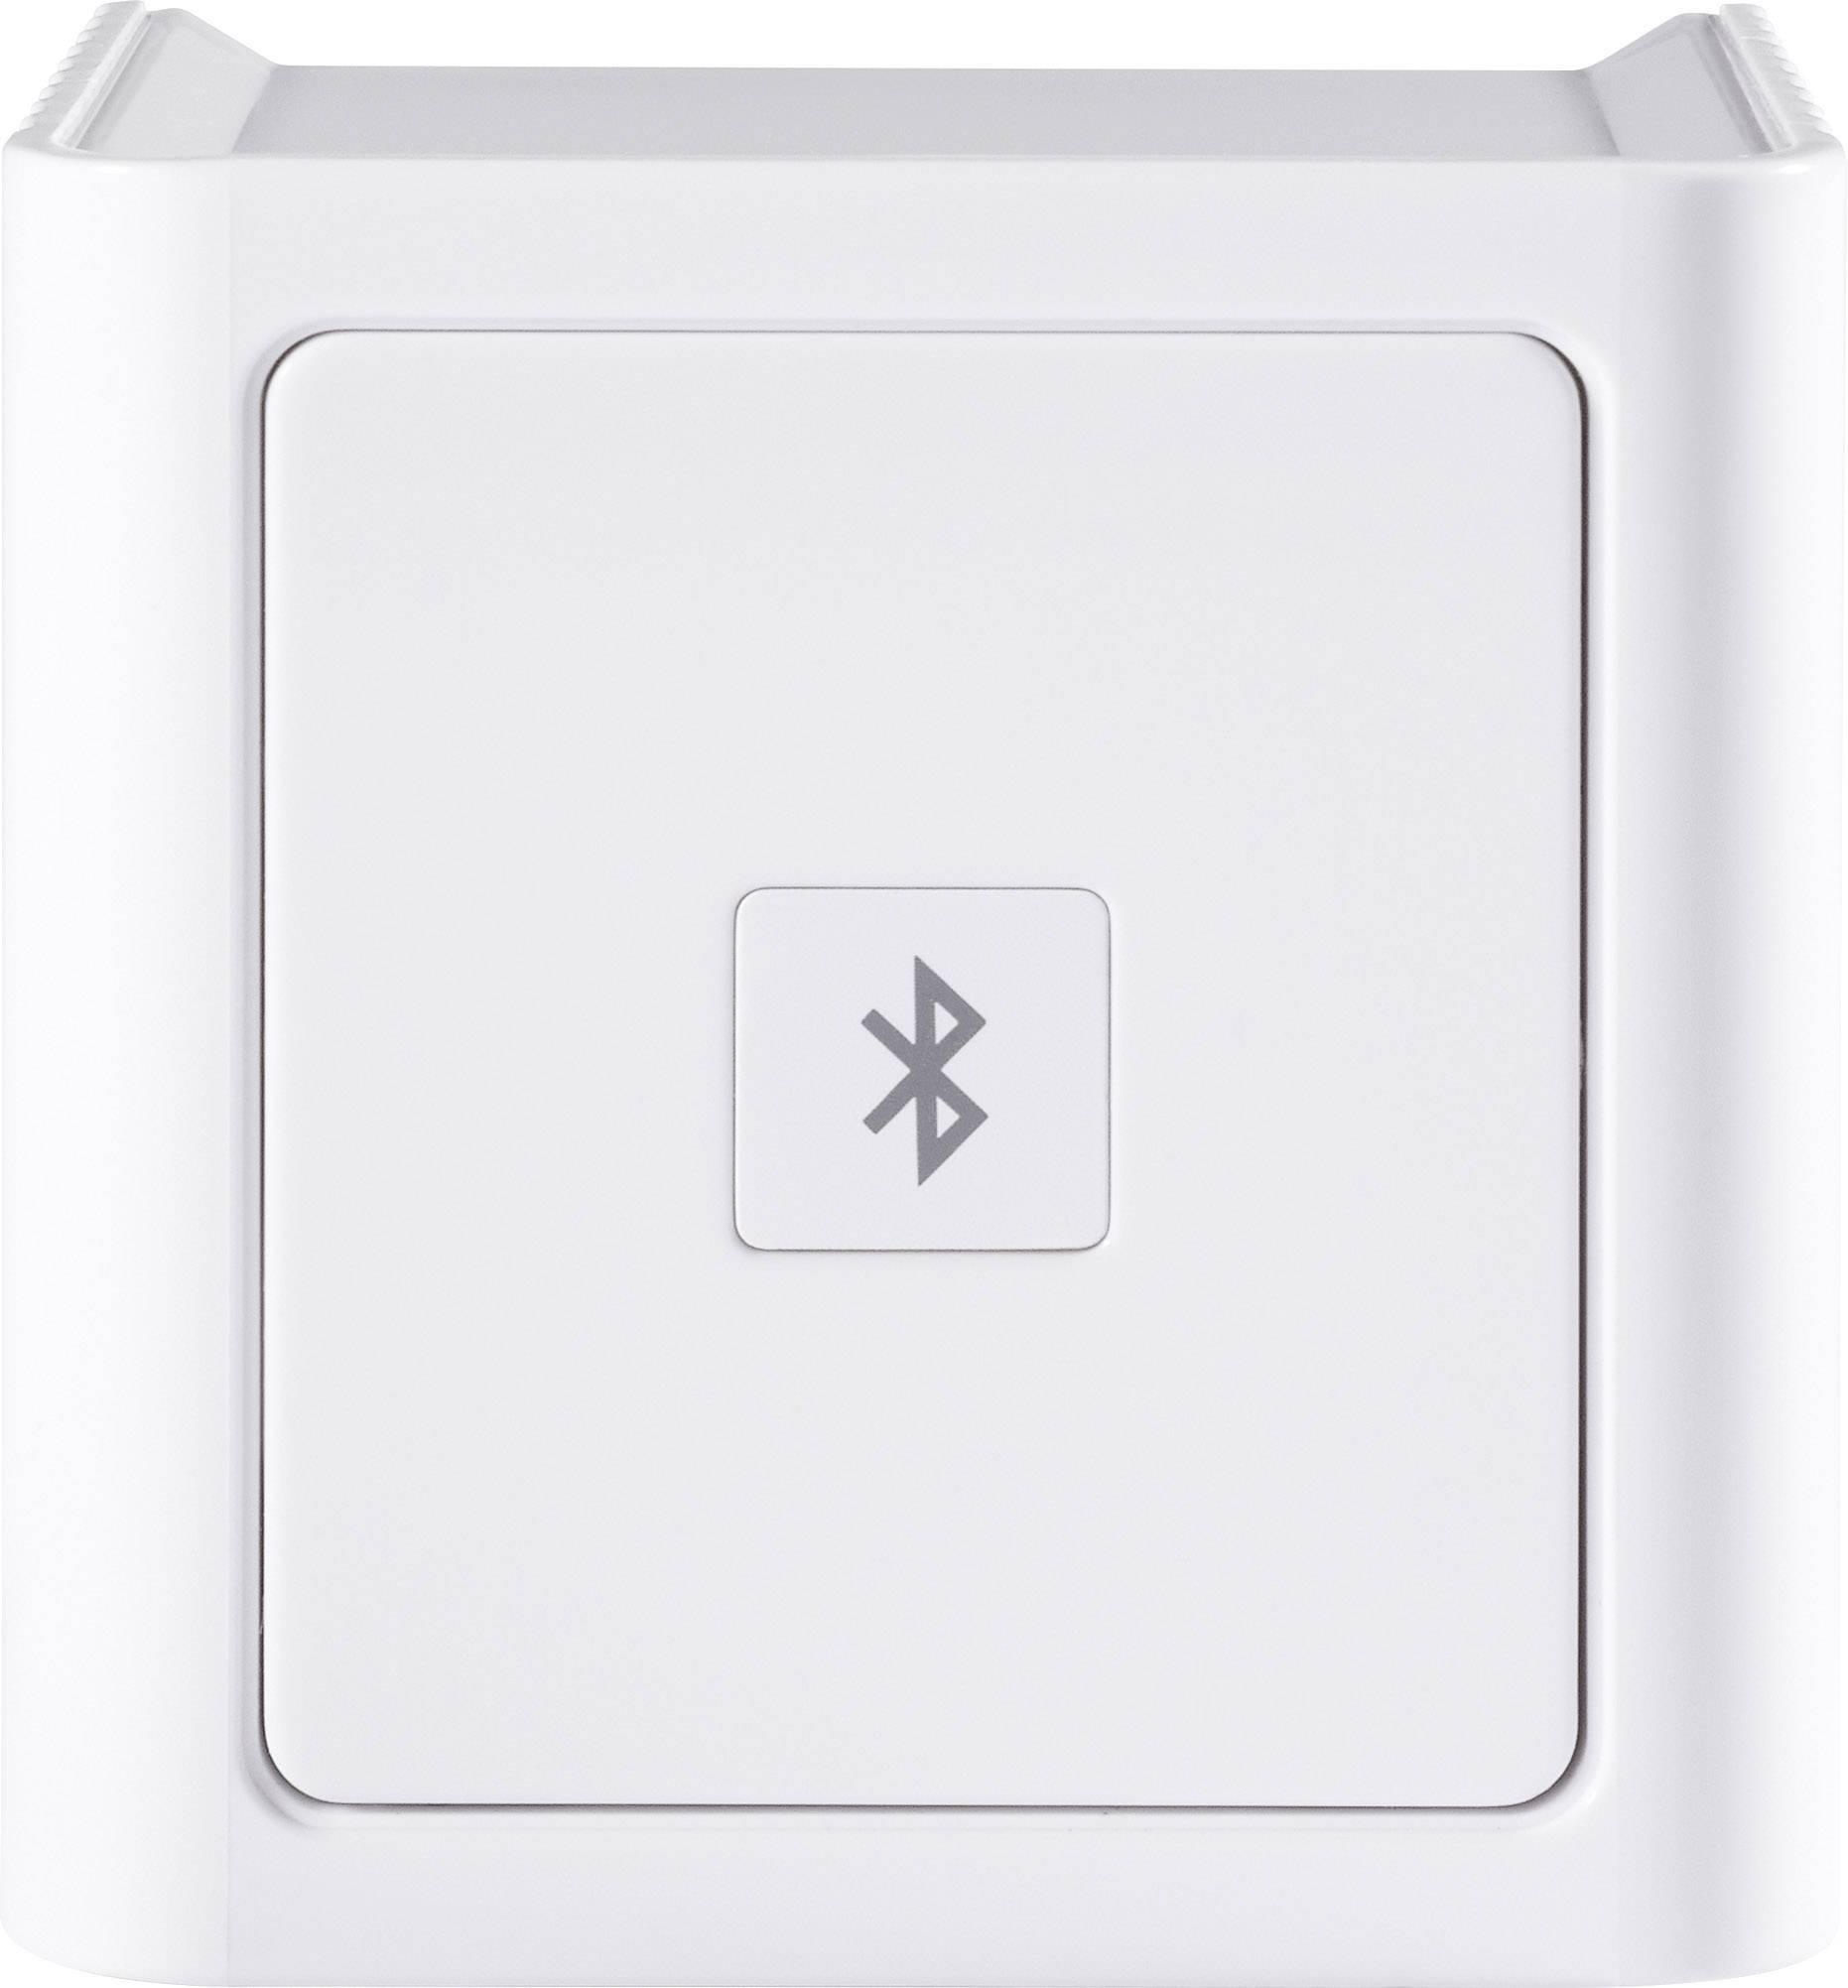 Bluetooth budík Renkforce A440 pre zariadenia s iOS